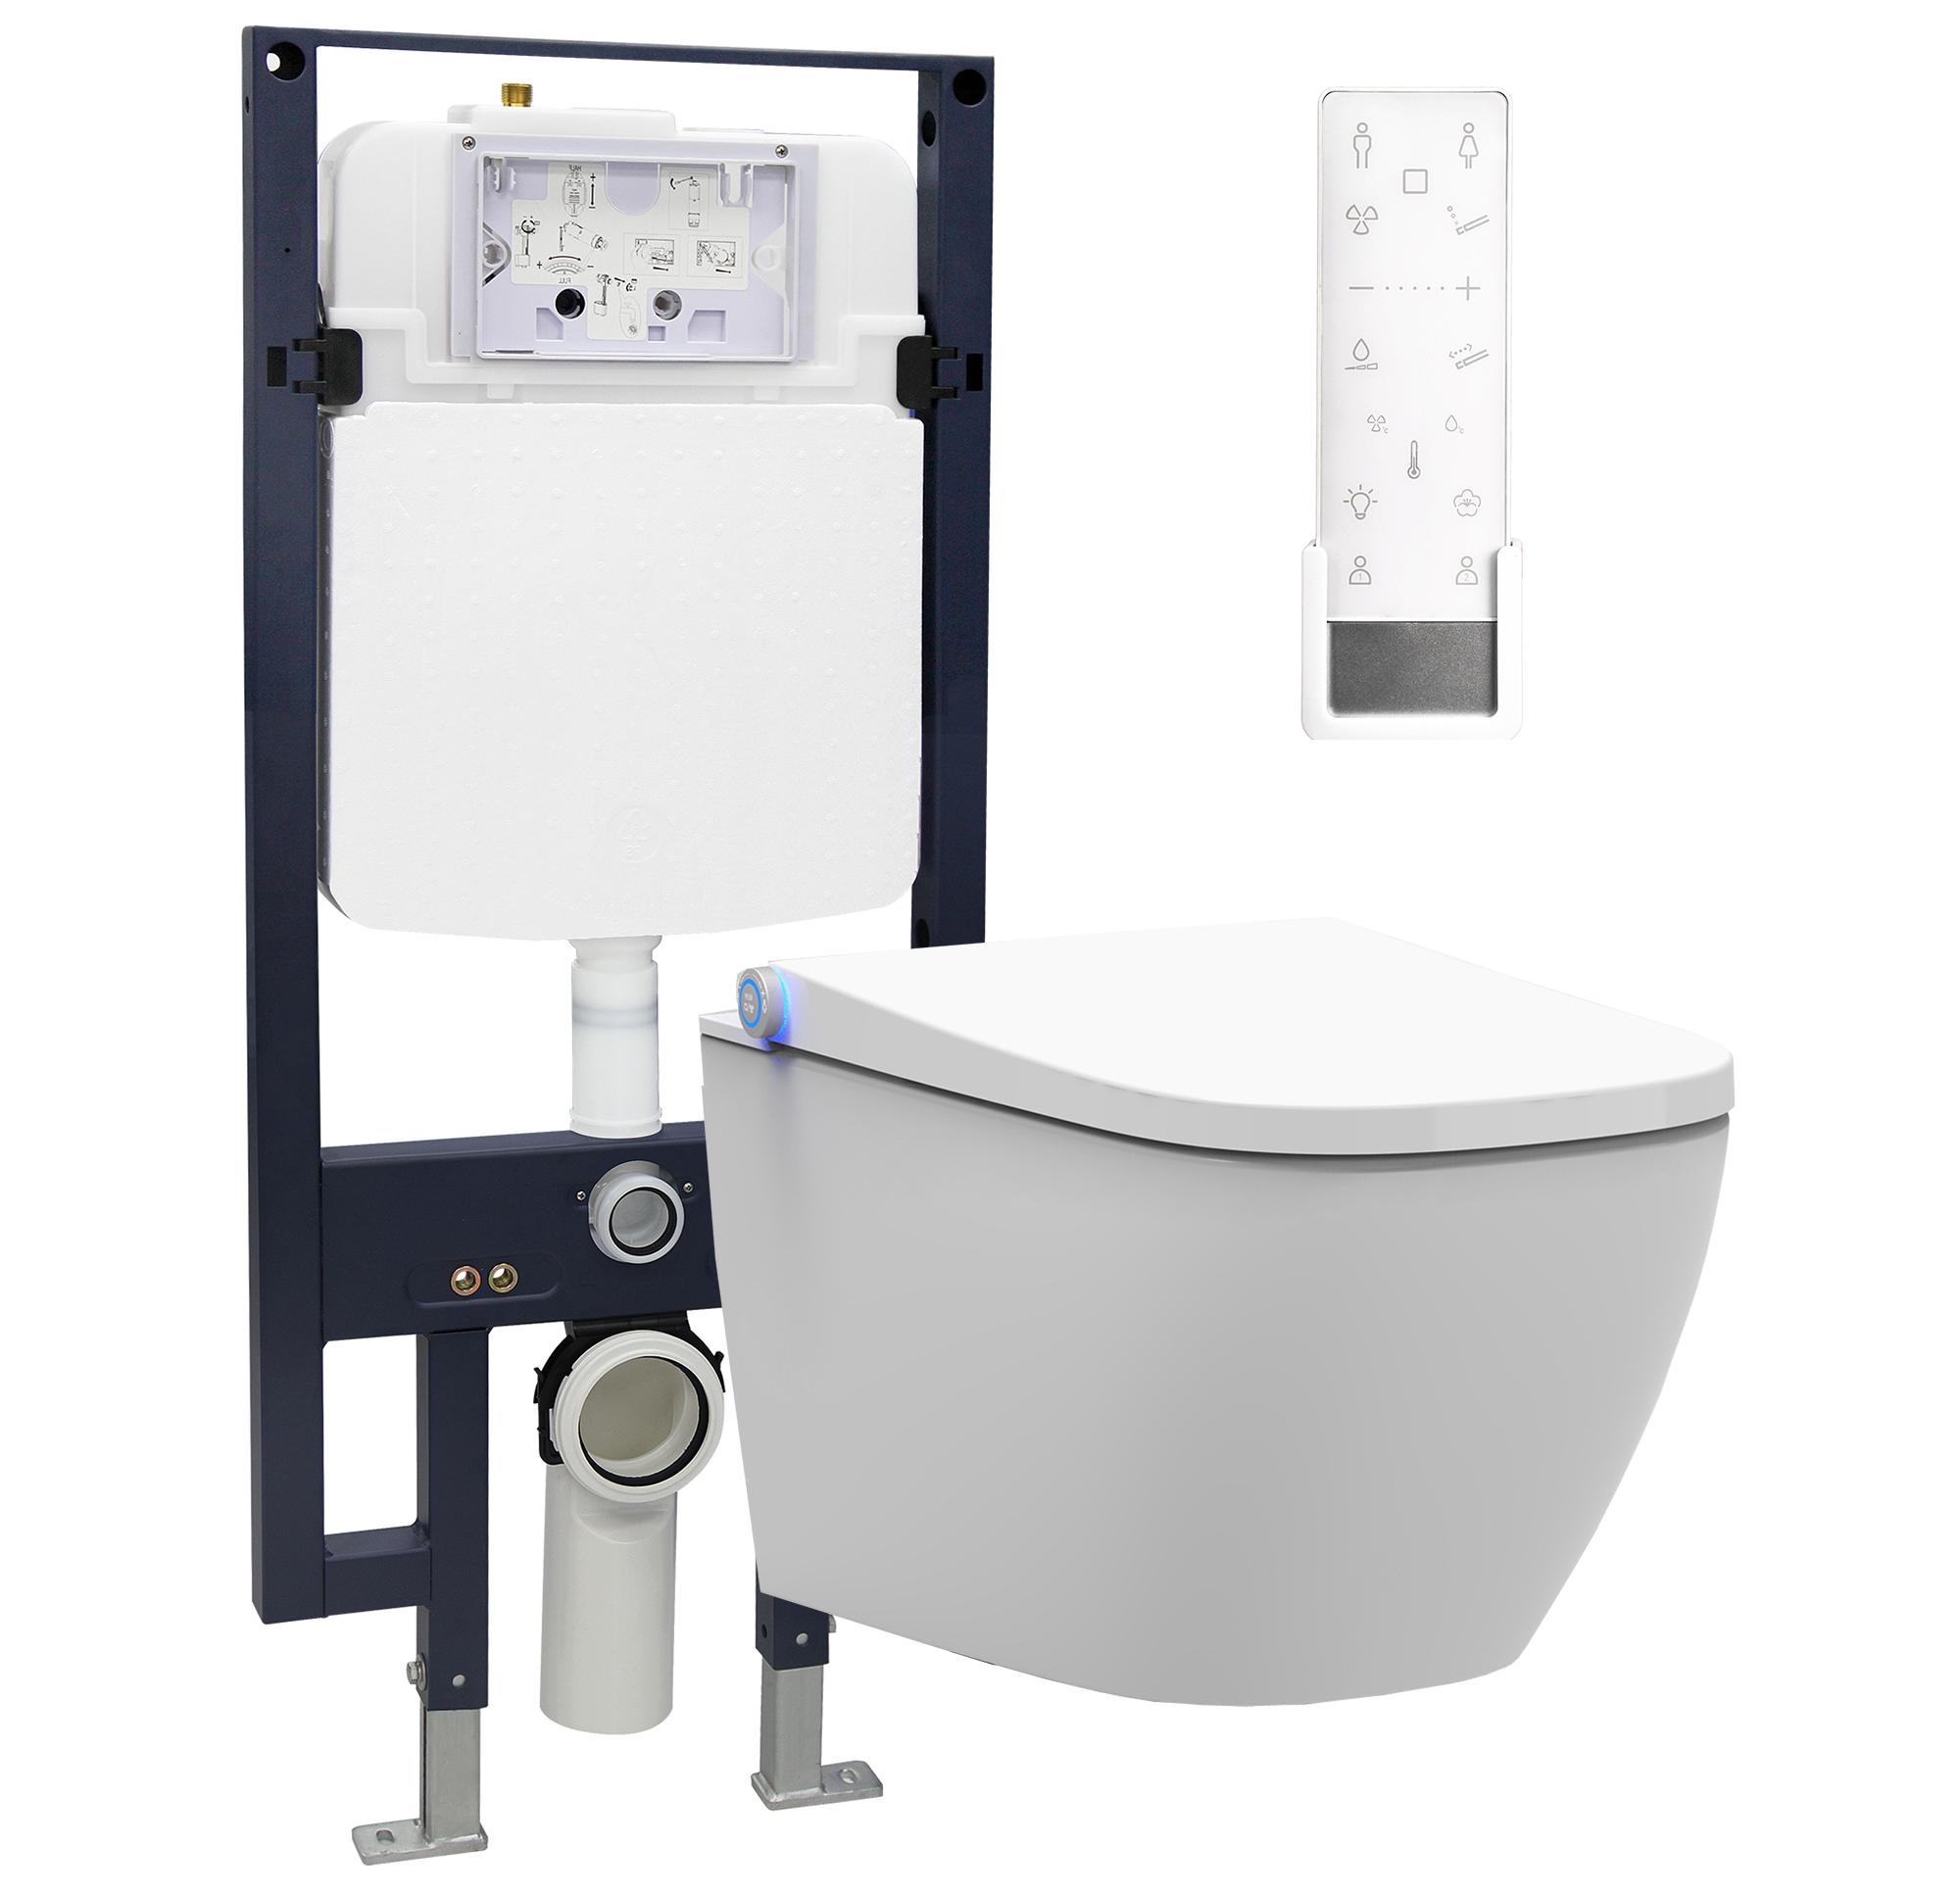 WC-Komplettpaket 28: BERNSTEIN DUSCH-WC PRO+ 1104 und Soft-Close Sitz mit Vorwandelement G3008 und Betätigungsplatte vorne